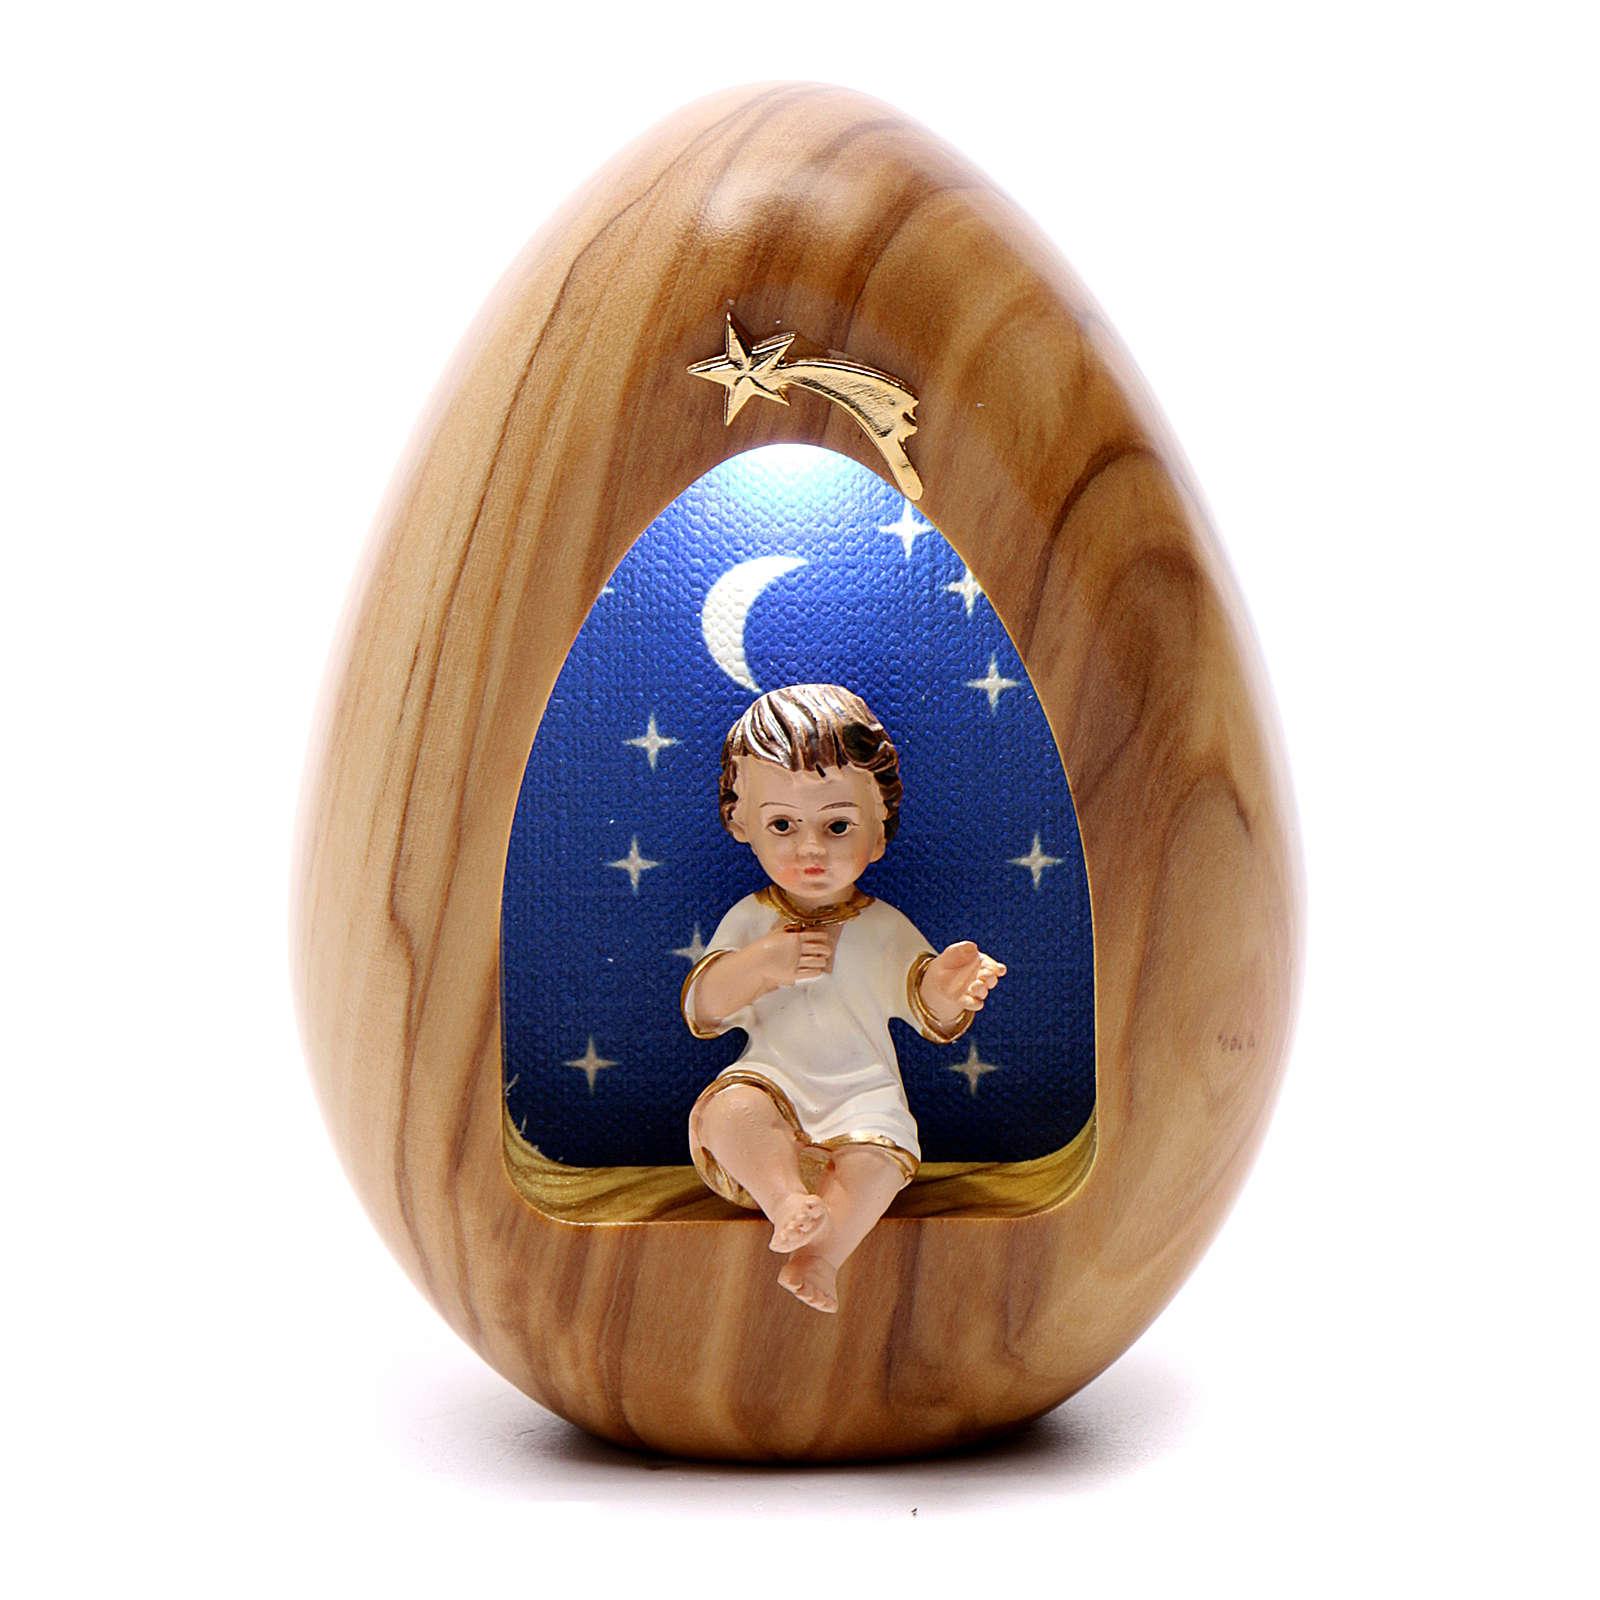 Lumino Bambin Gesù con led BATTERIA 11X7 cm 3